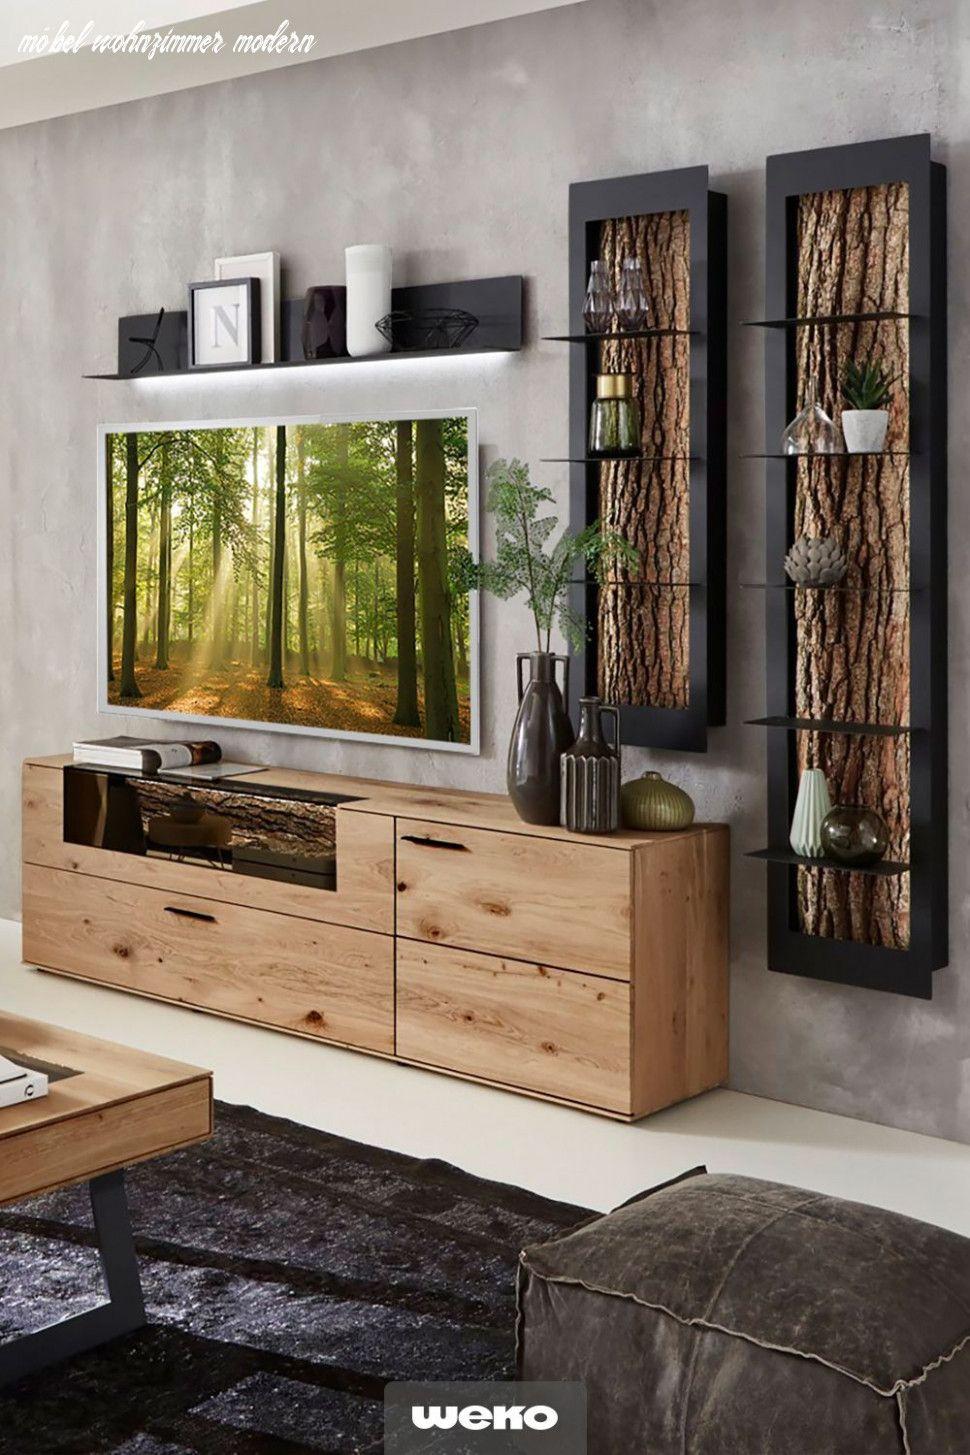 Der Wahre Grund Hinter Mobel Wohnzimmer Modern In 2020 Wohnwand Eiche Mobel Wohnzimmer Wohnwand